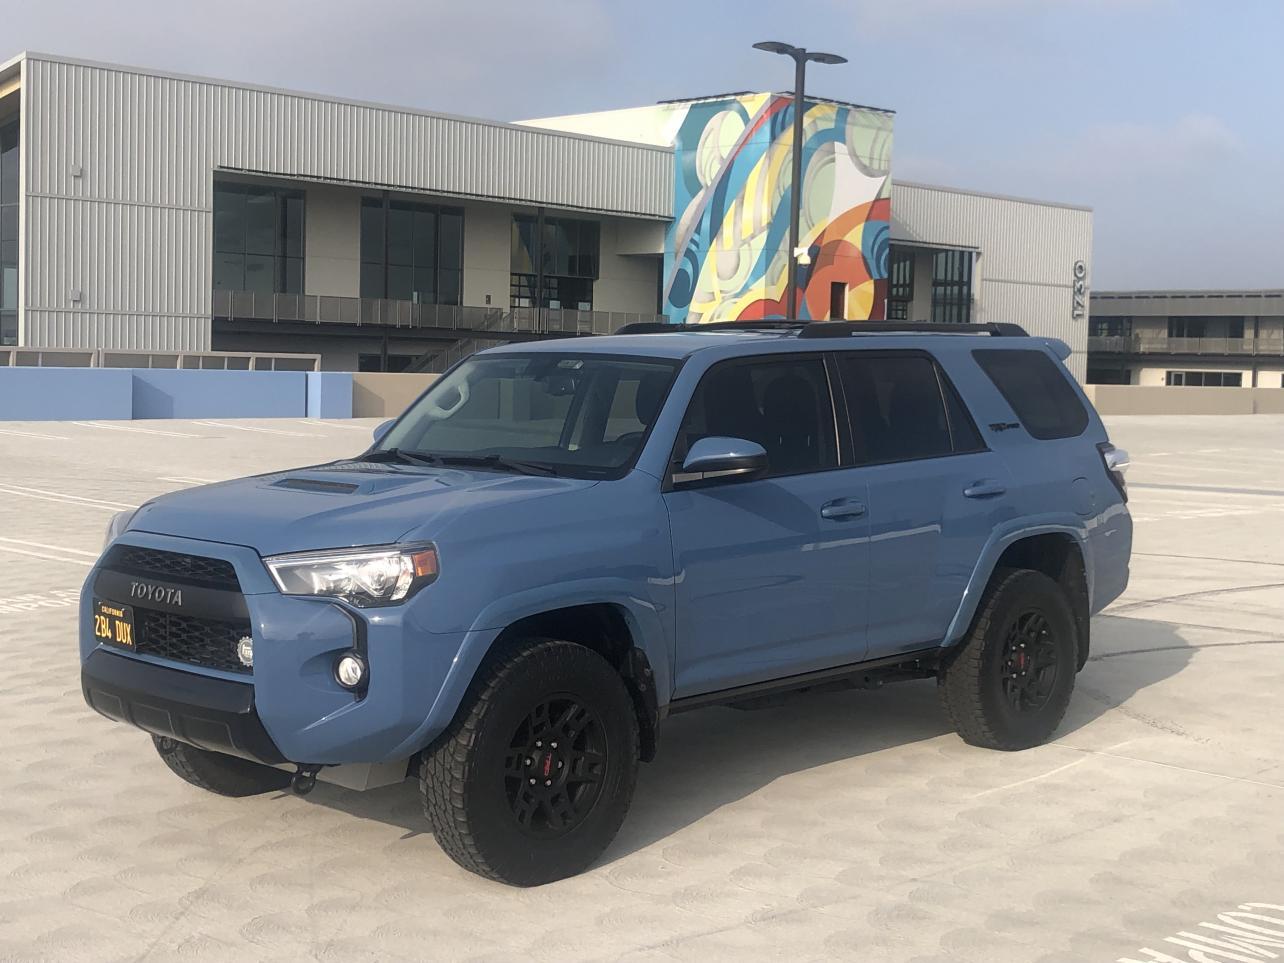 FS 2018 TRD PRO Cavalry Blue So Cal 15k Miles-img_8005-jpg